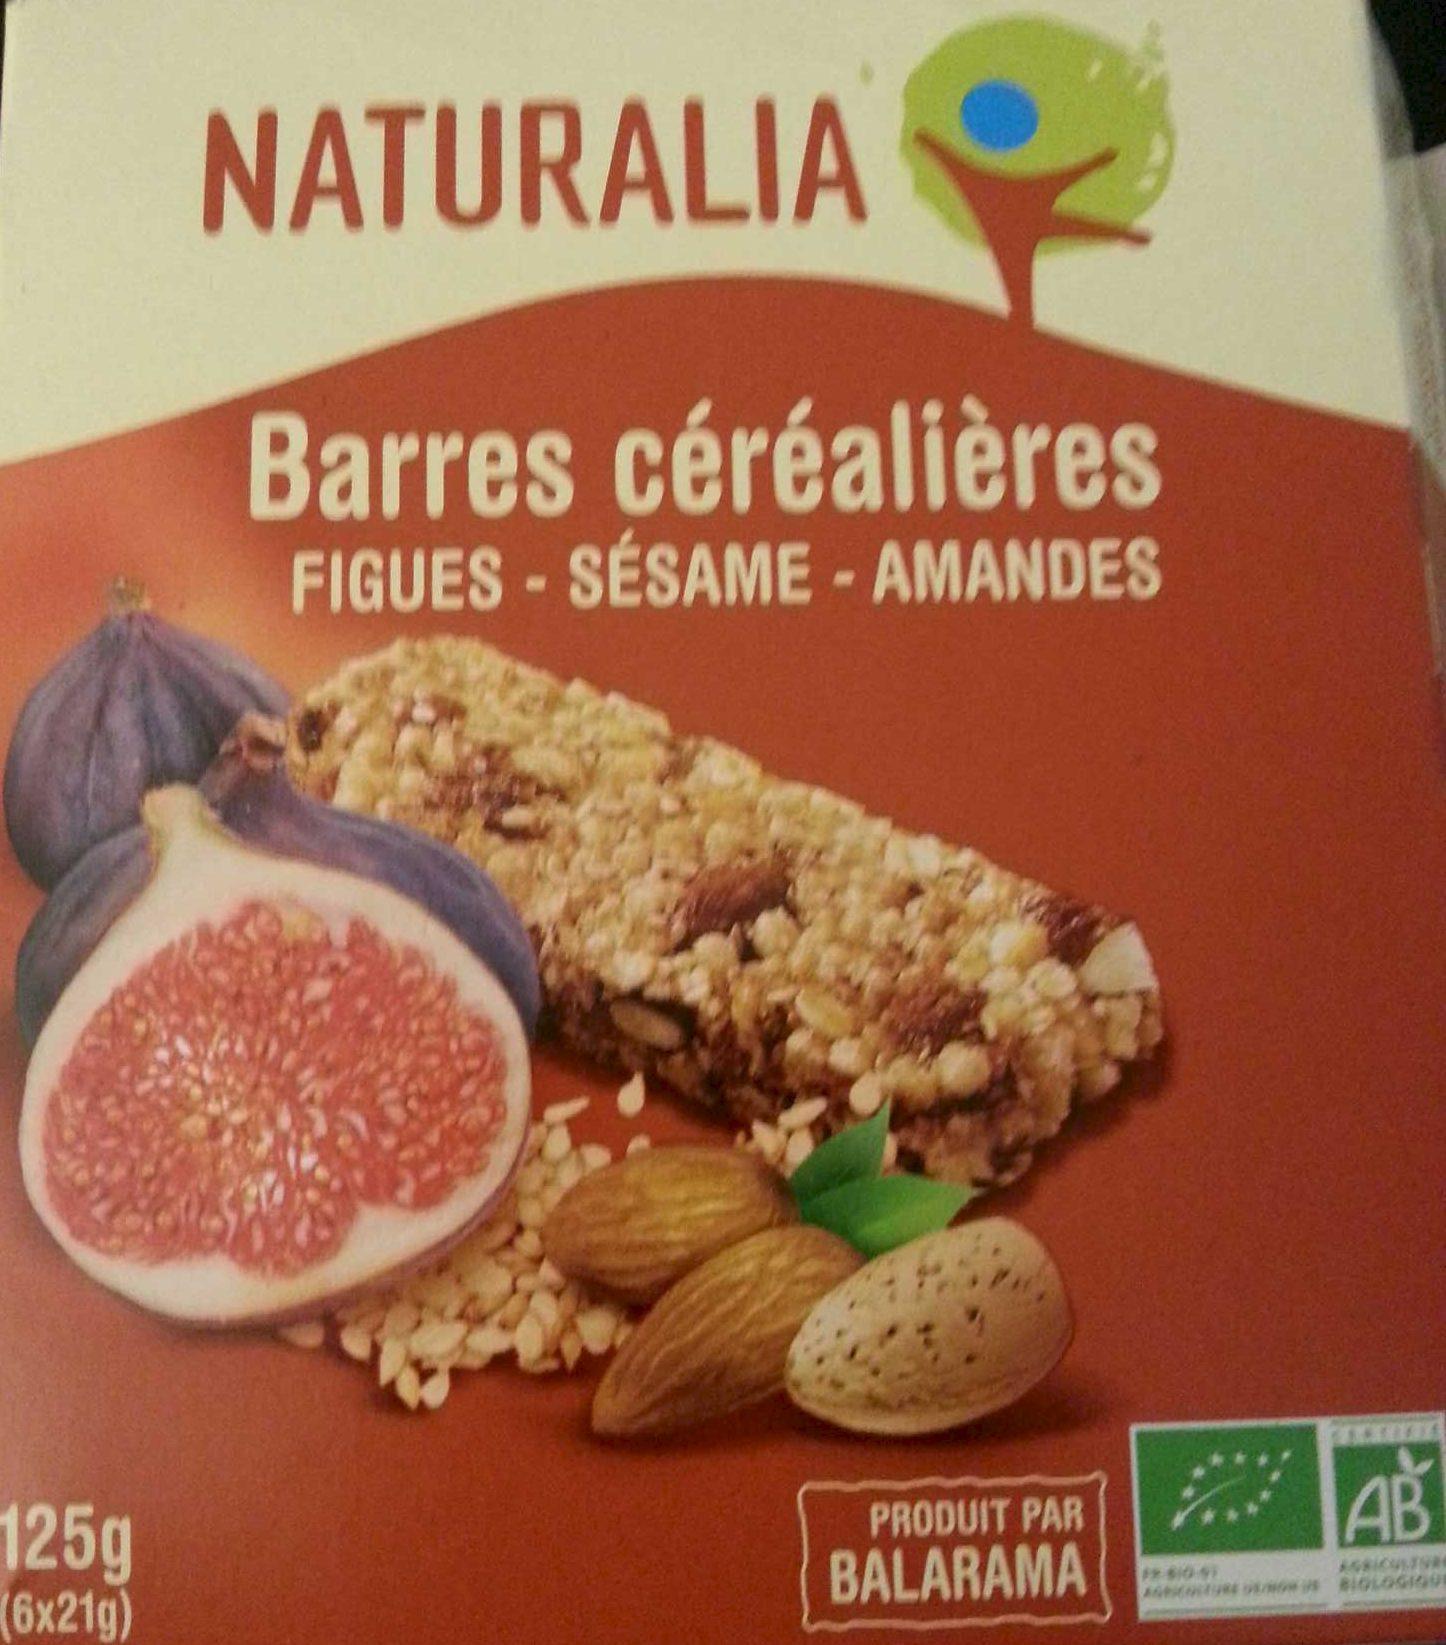 Barre céréalières - FIGUES - SESAME - AMANDES - Product - fr